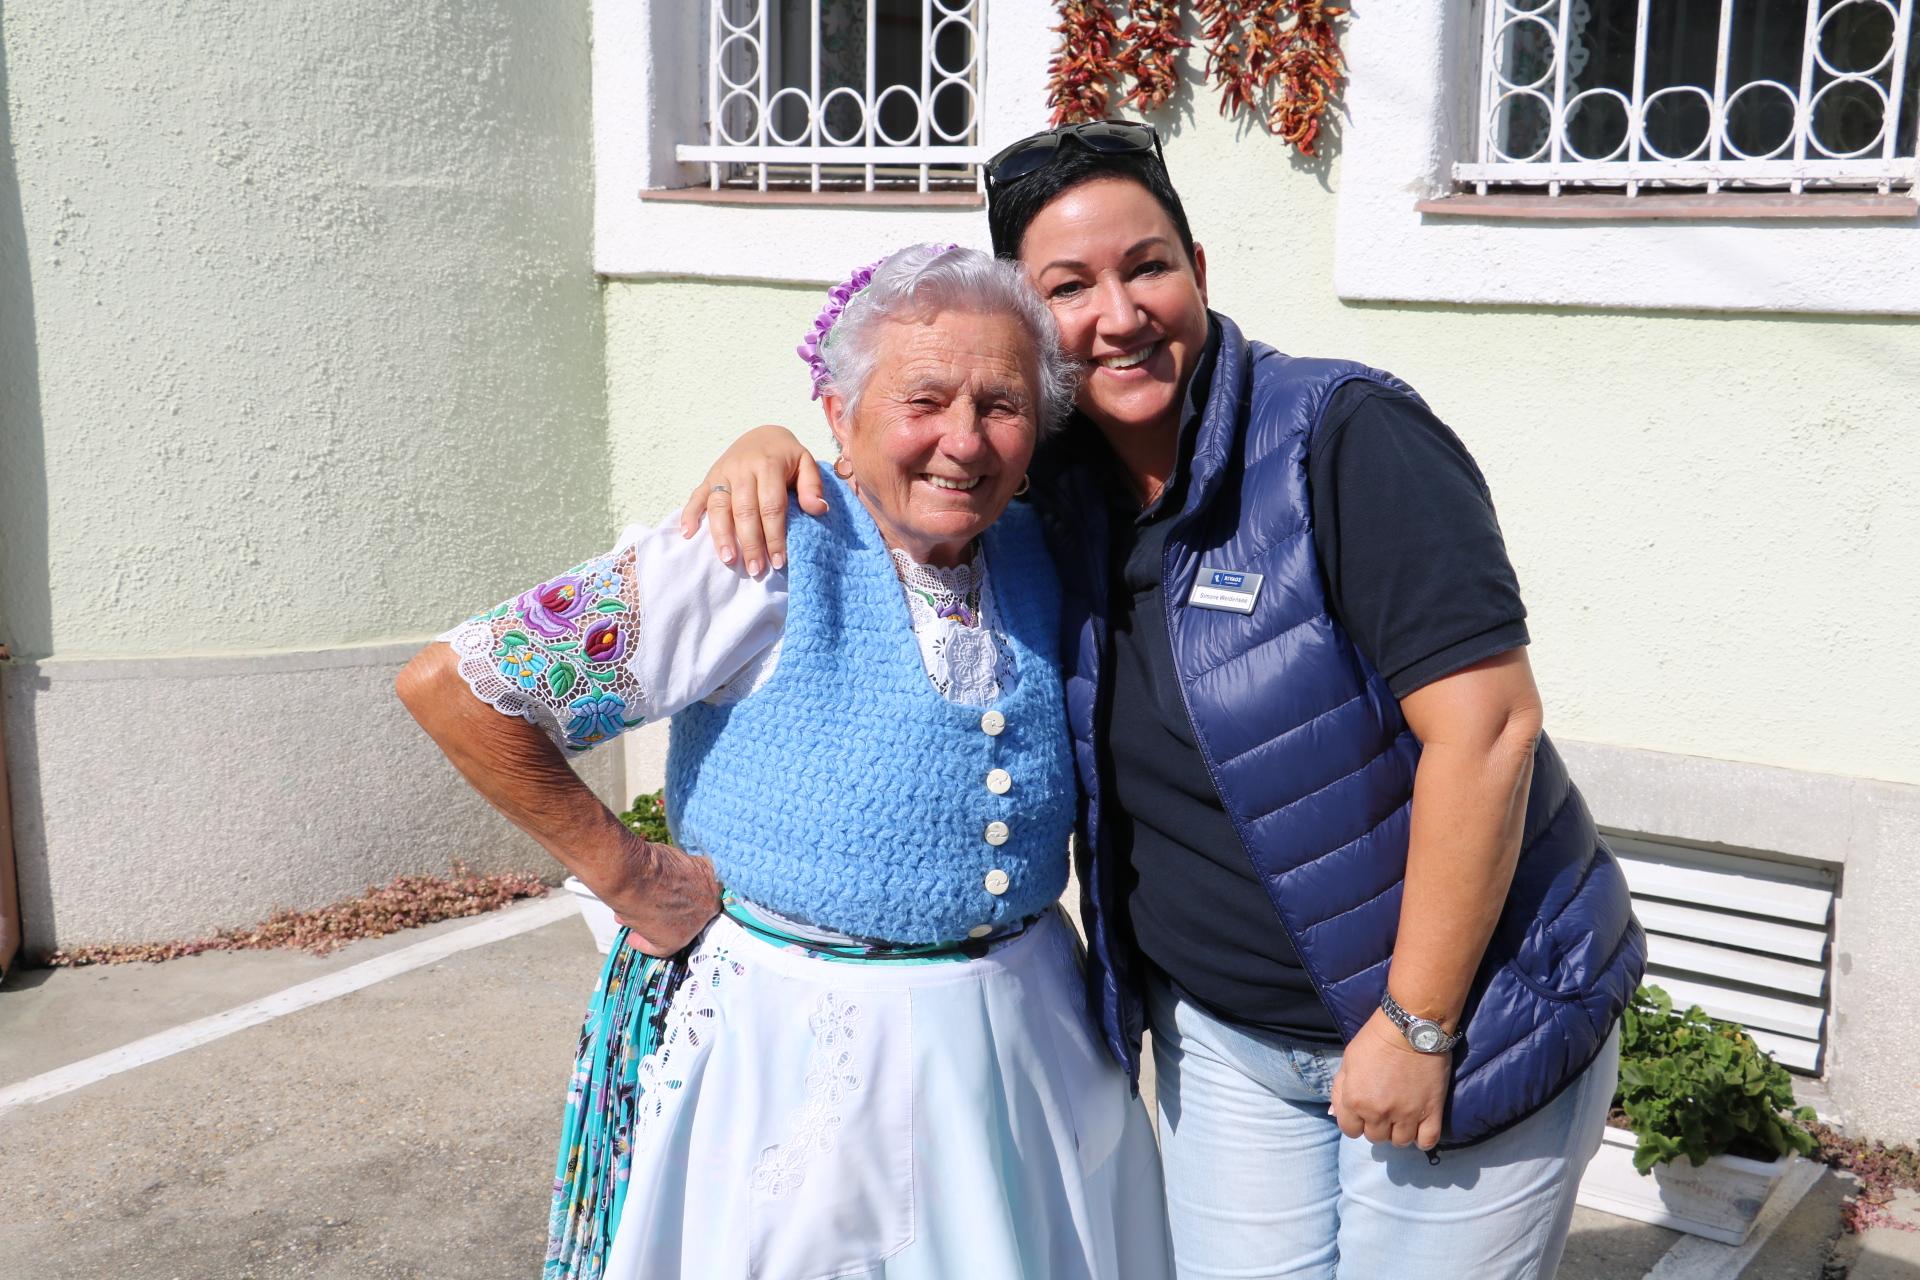 Kreuzfahrtdirekton Simone Weidensee (rechts) mit der 81-jährigem Hüterin über das Paprika